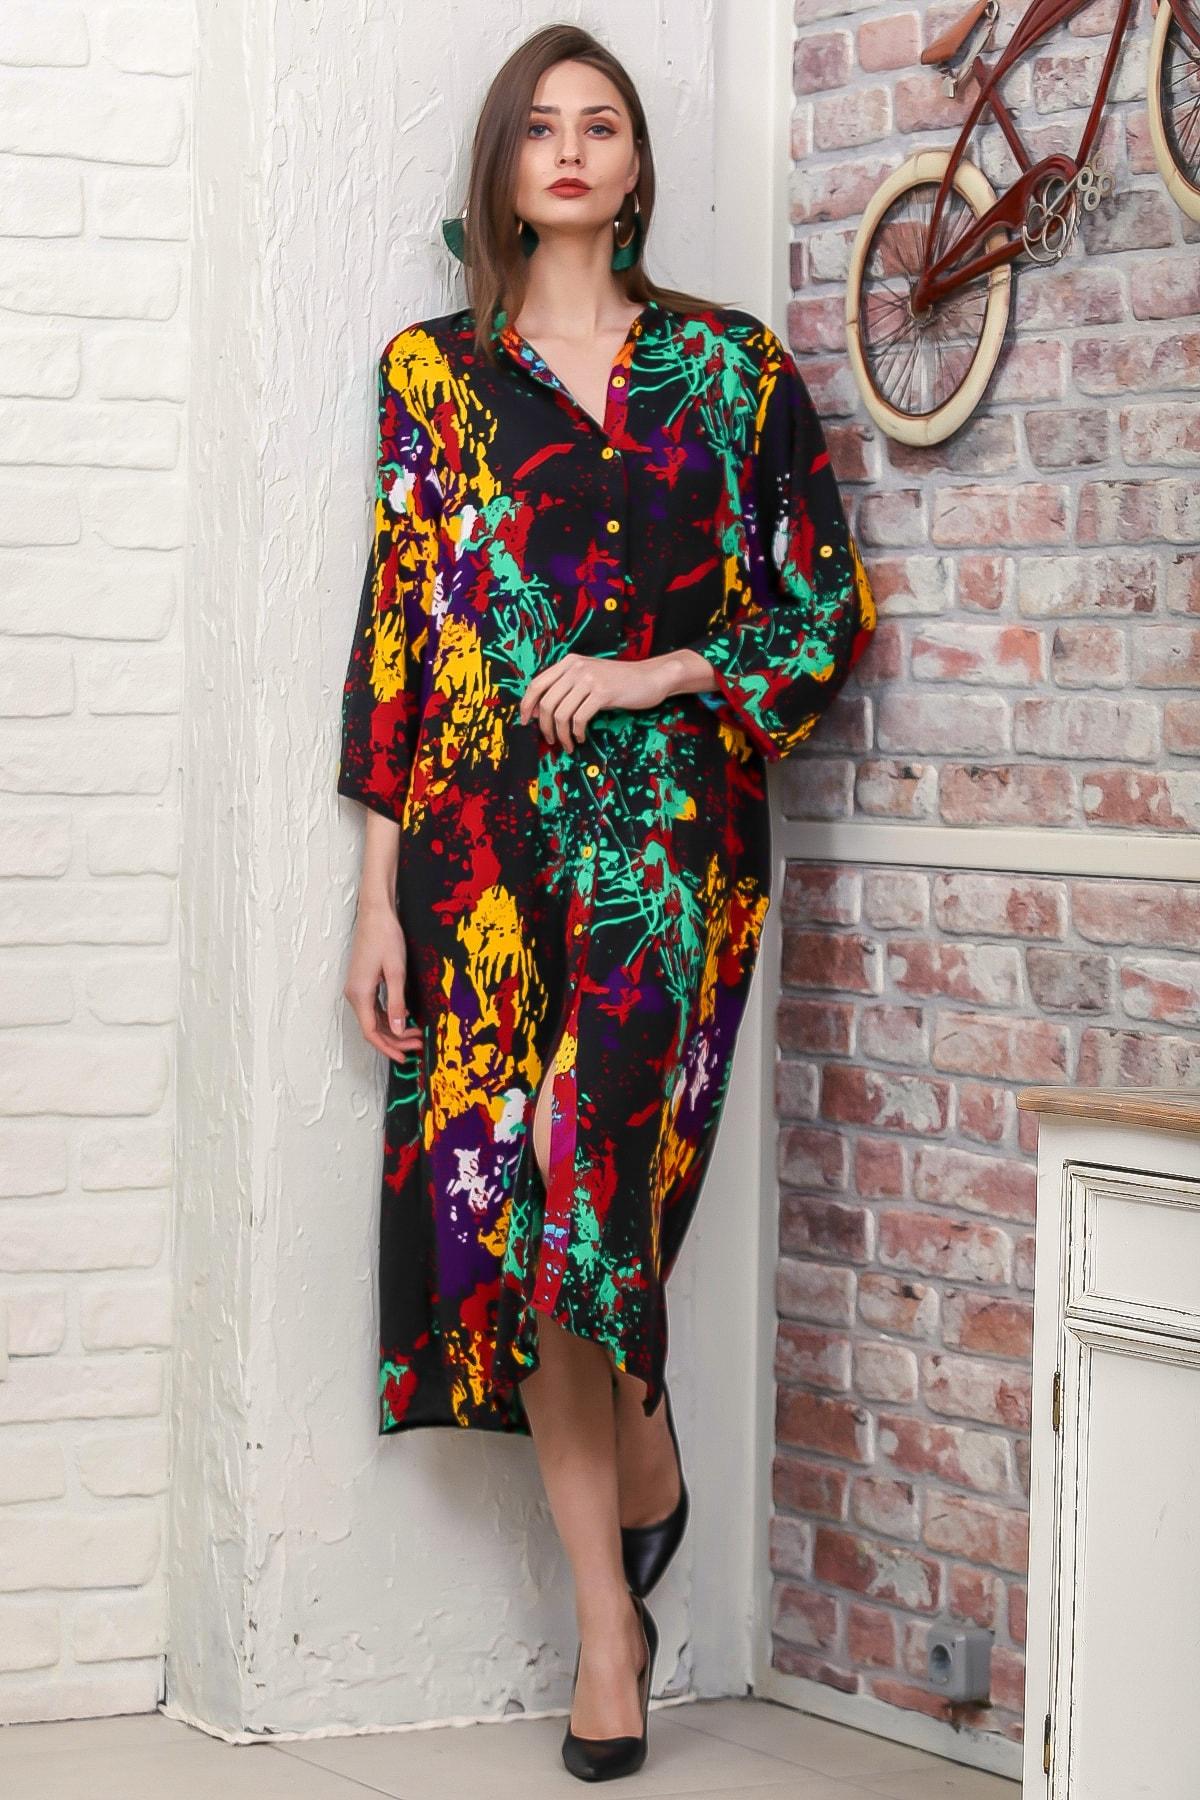 Chiccy Kadın Siyah Fırça Desen Yırtmaçlı Salaş Dokuma Gömlek Elbise M10160000EL95921 1